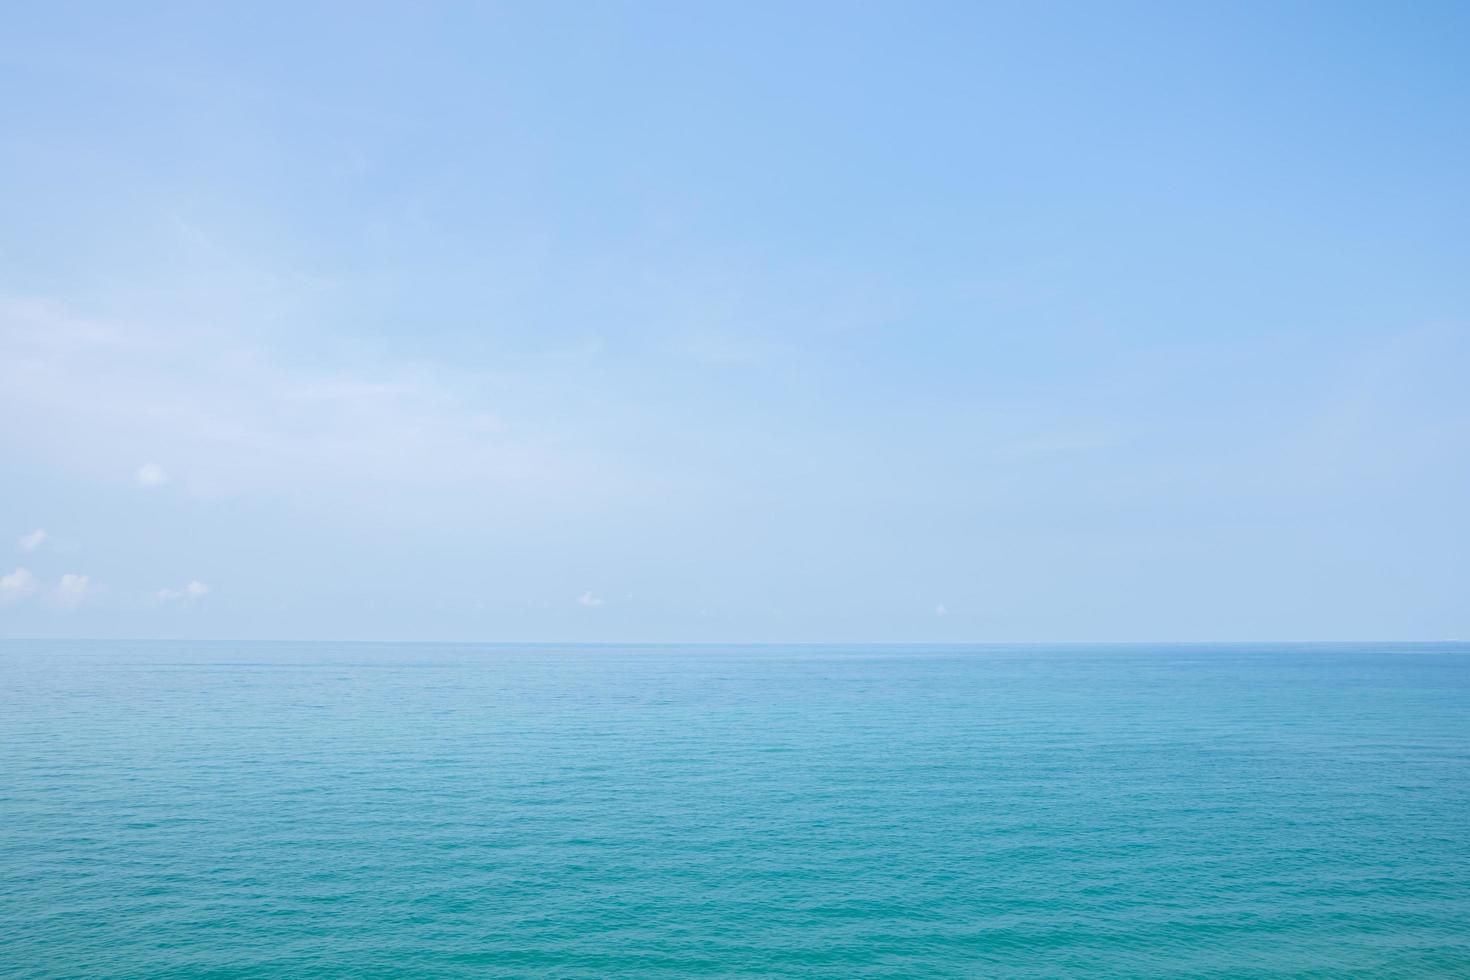 mar azul y cielo foto